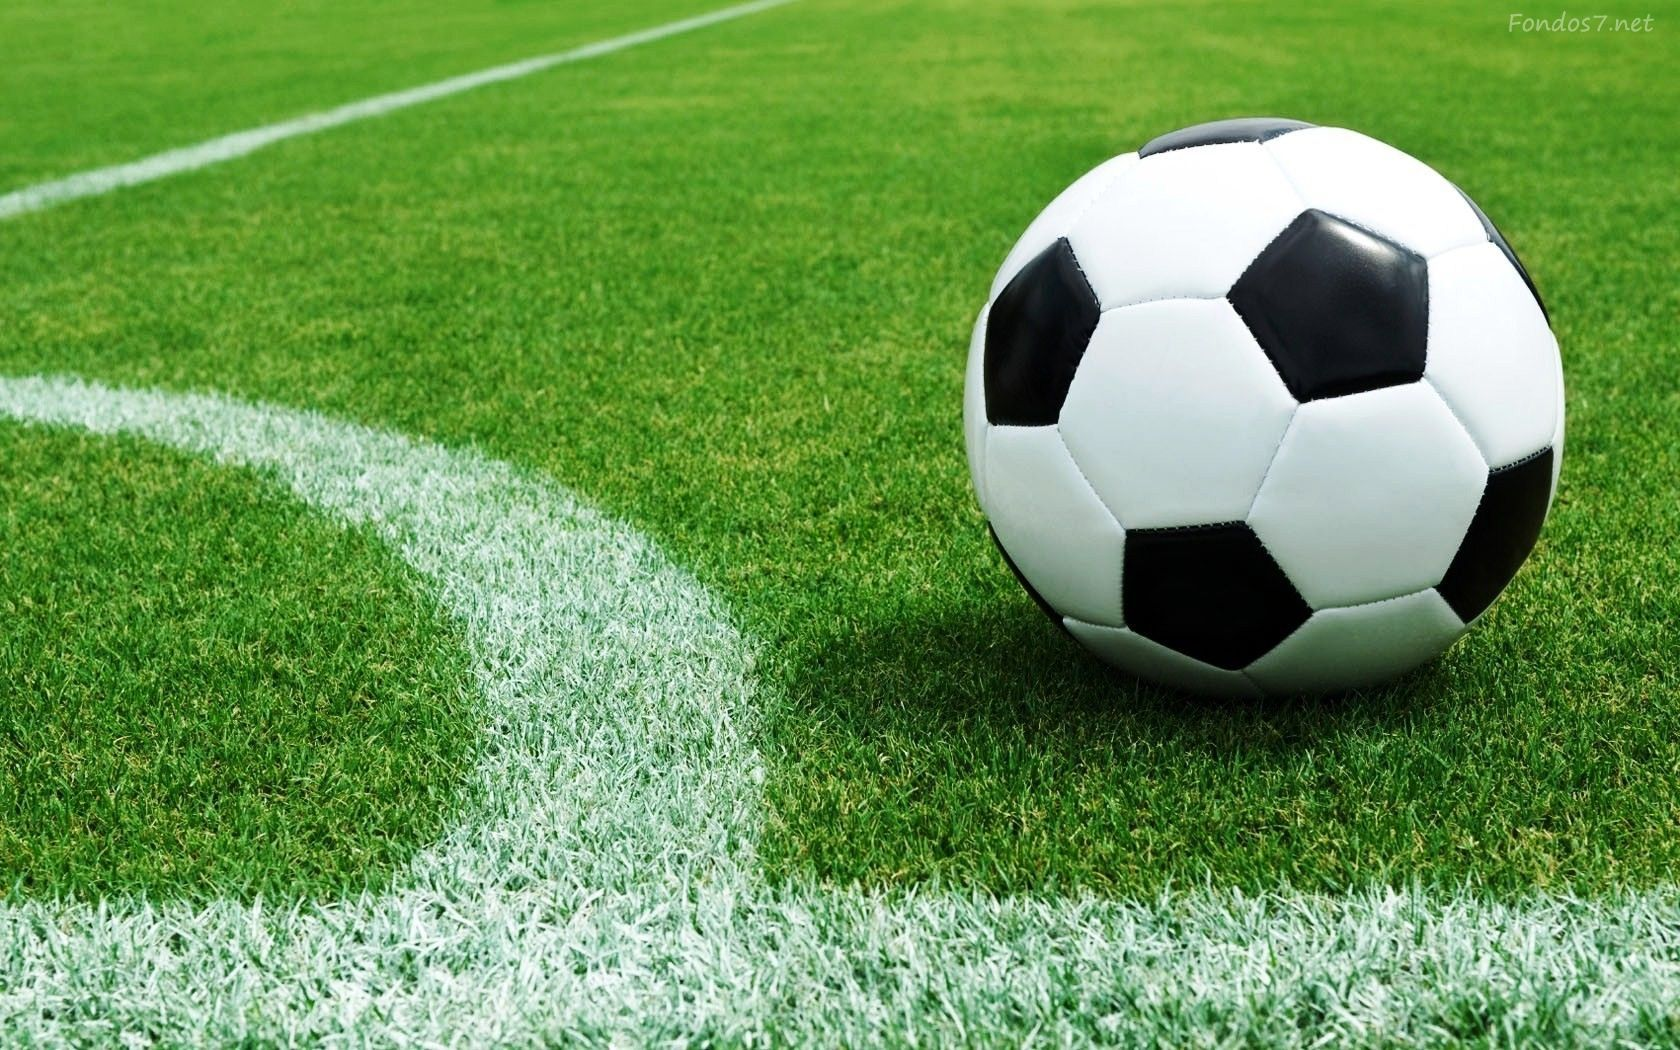 224 - ¿Cuánto sabes de fútbol?